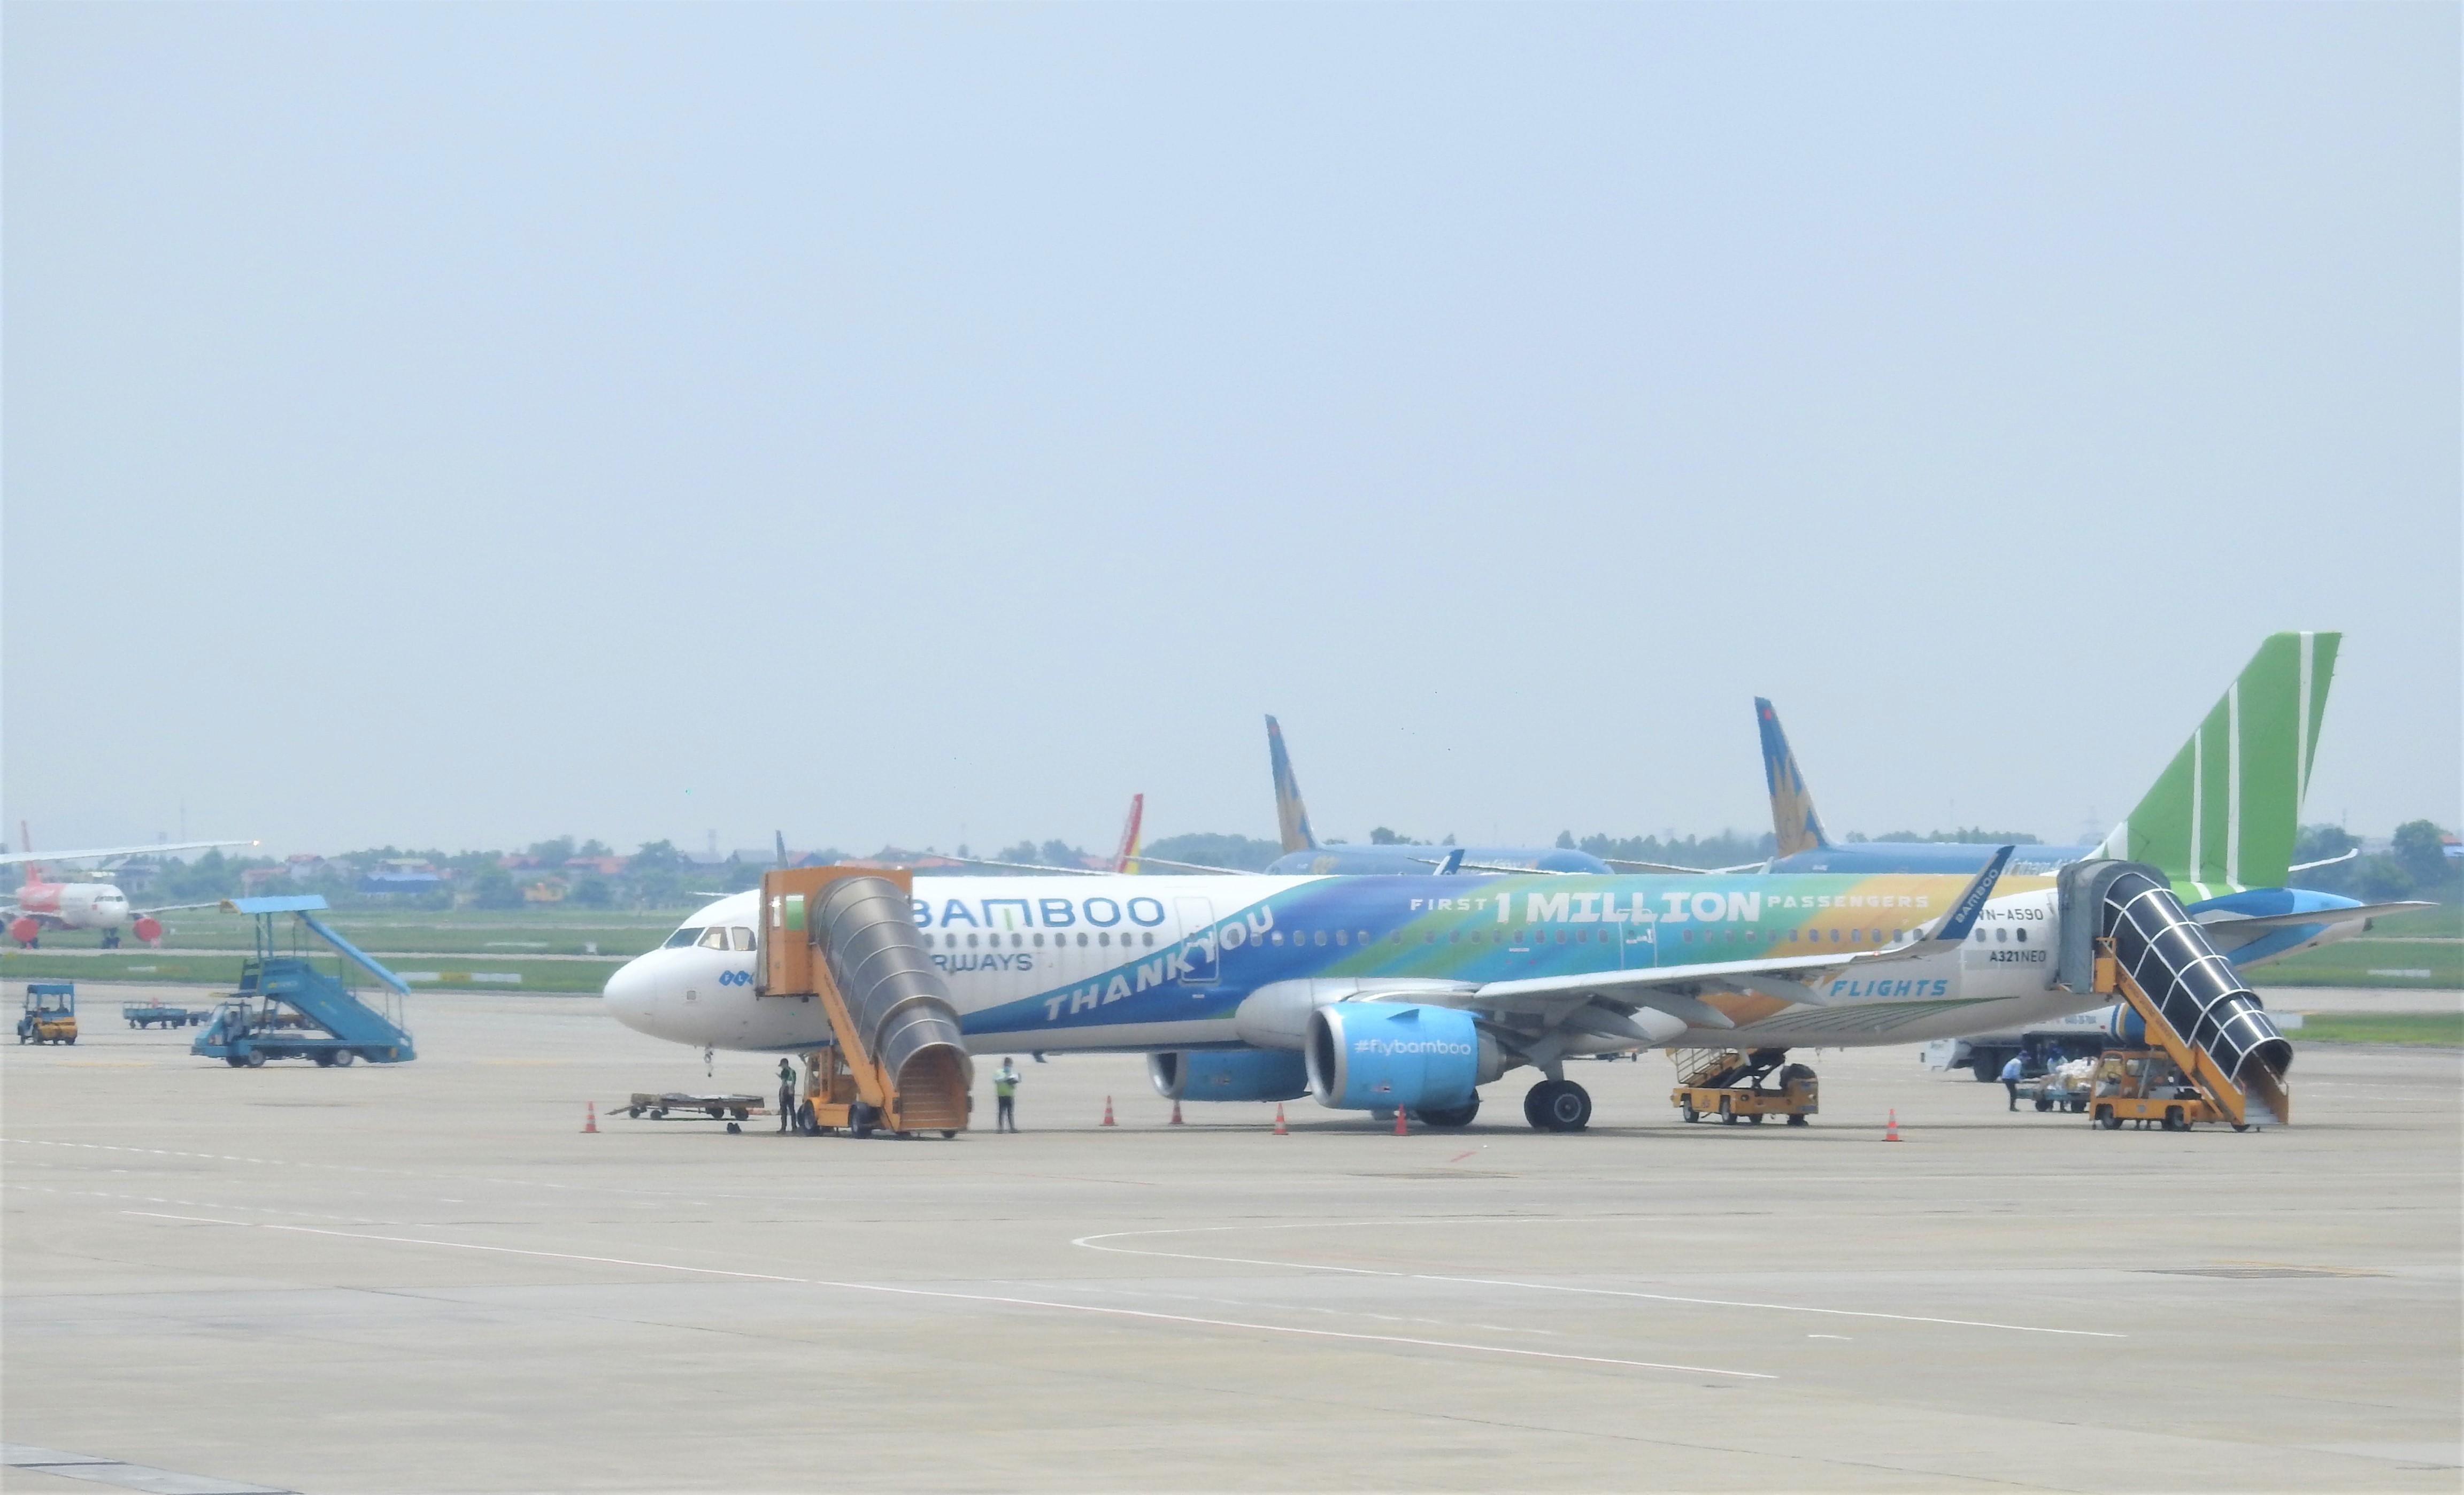 Hàng trăm chuyến bay phải hoãn, hủy vì sửa chữa đường băng Nội Bài, Tân Sơn Nhất - Ảnh 1.